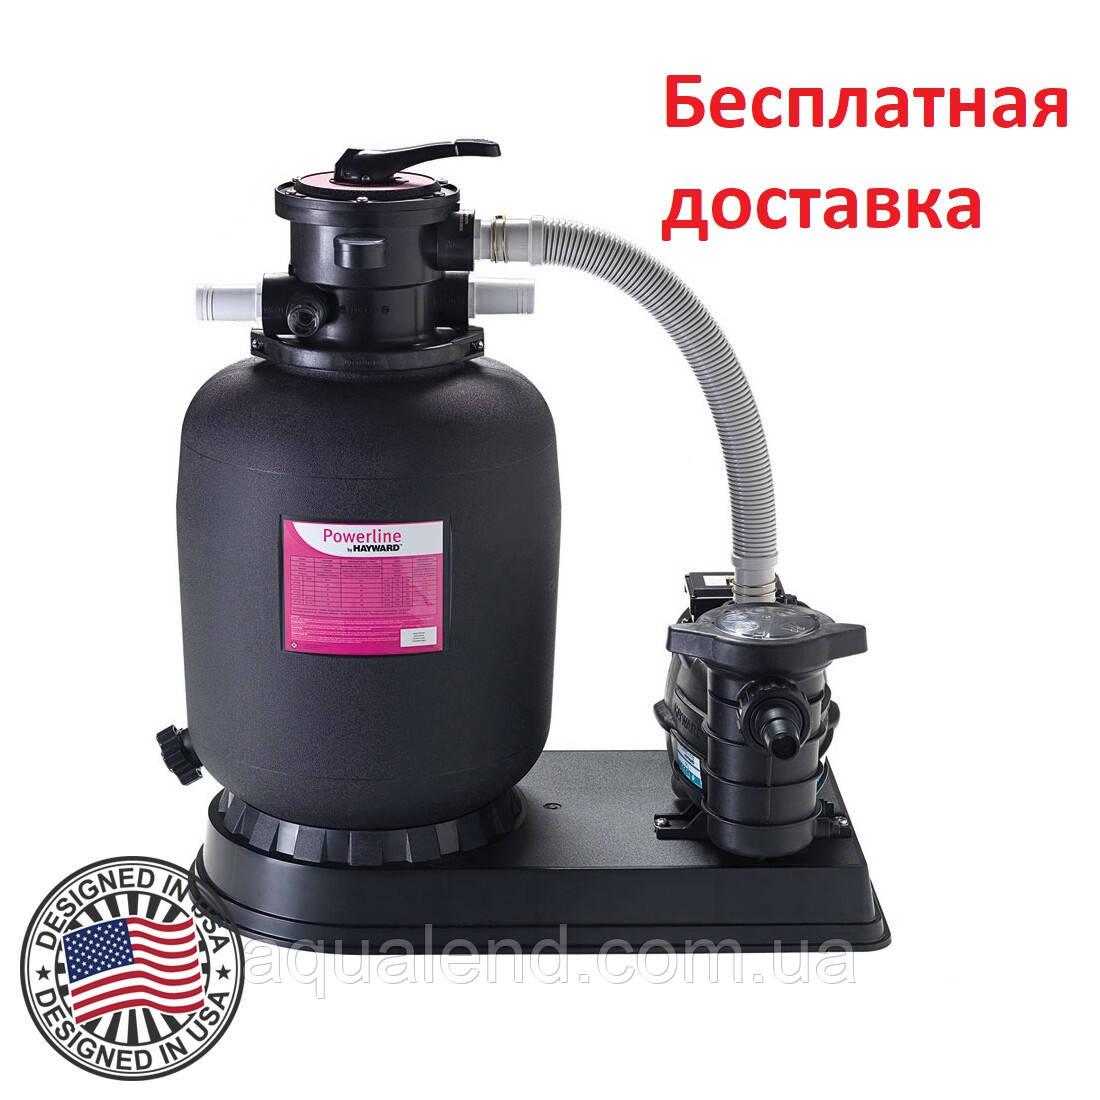 Пісочна фільтраційна установка Hayward PowerLine 81069 (5 м3/год, D368)